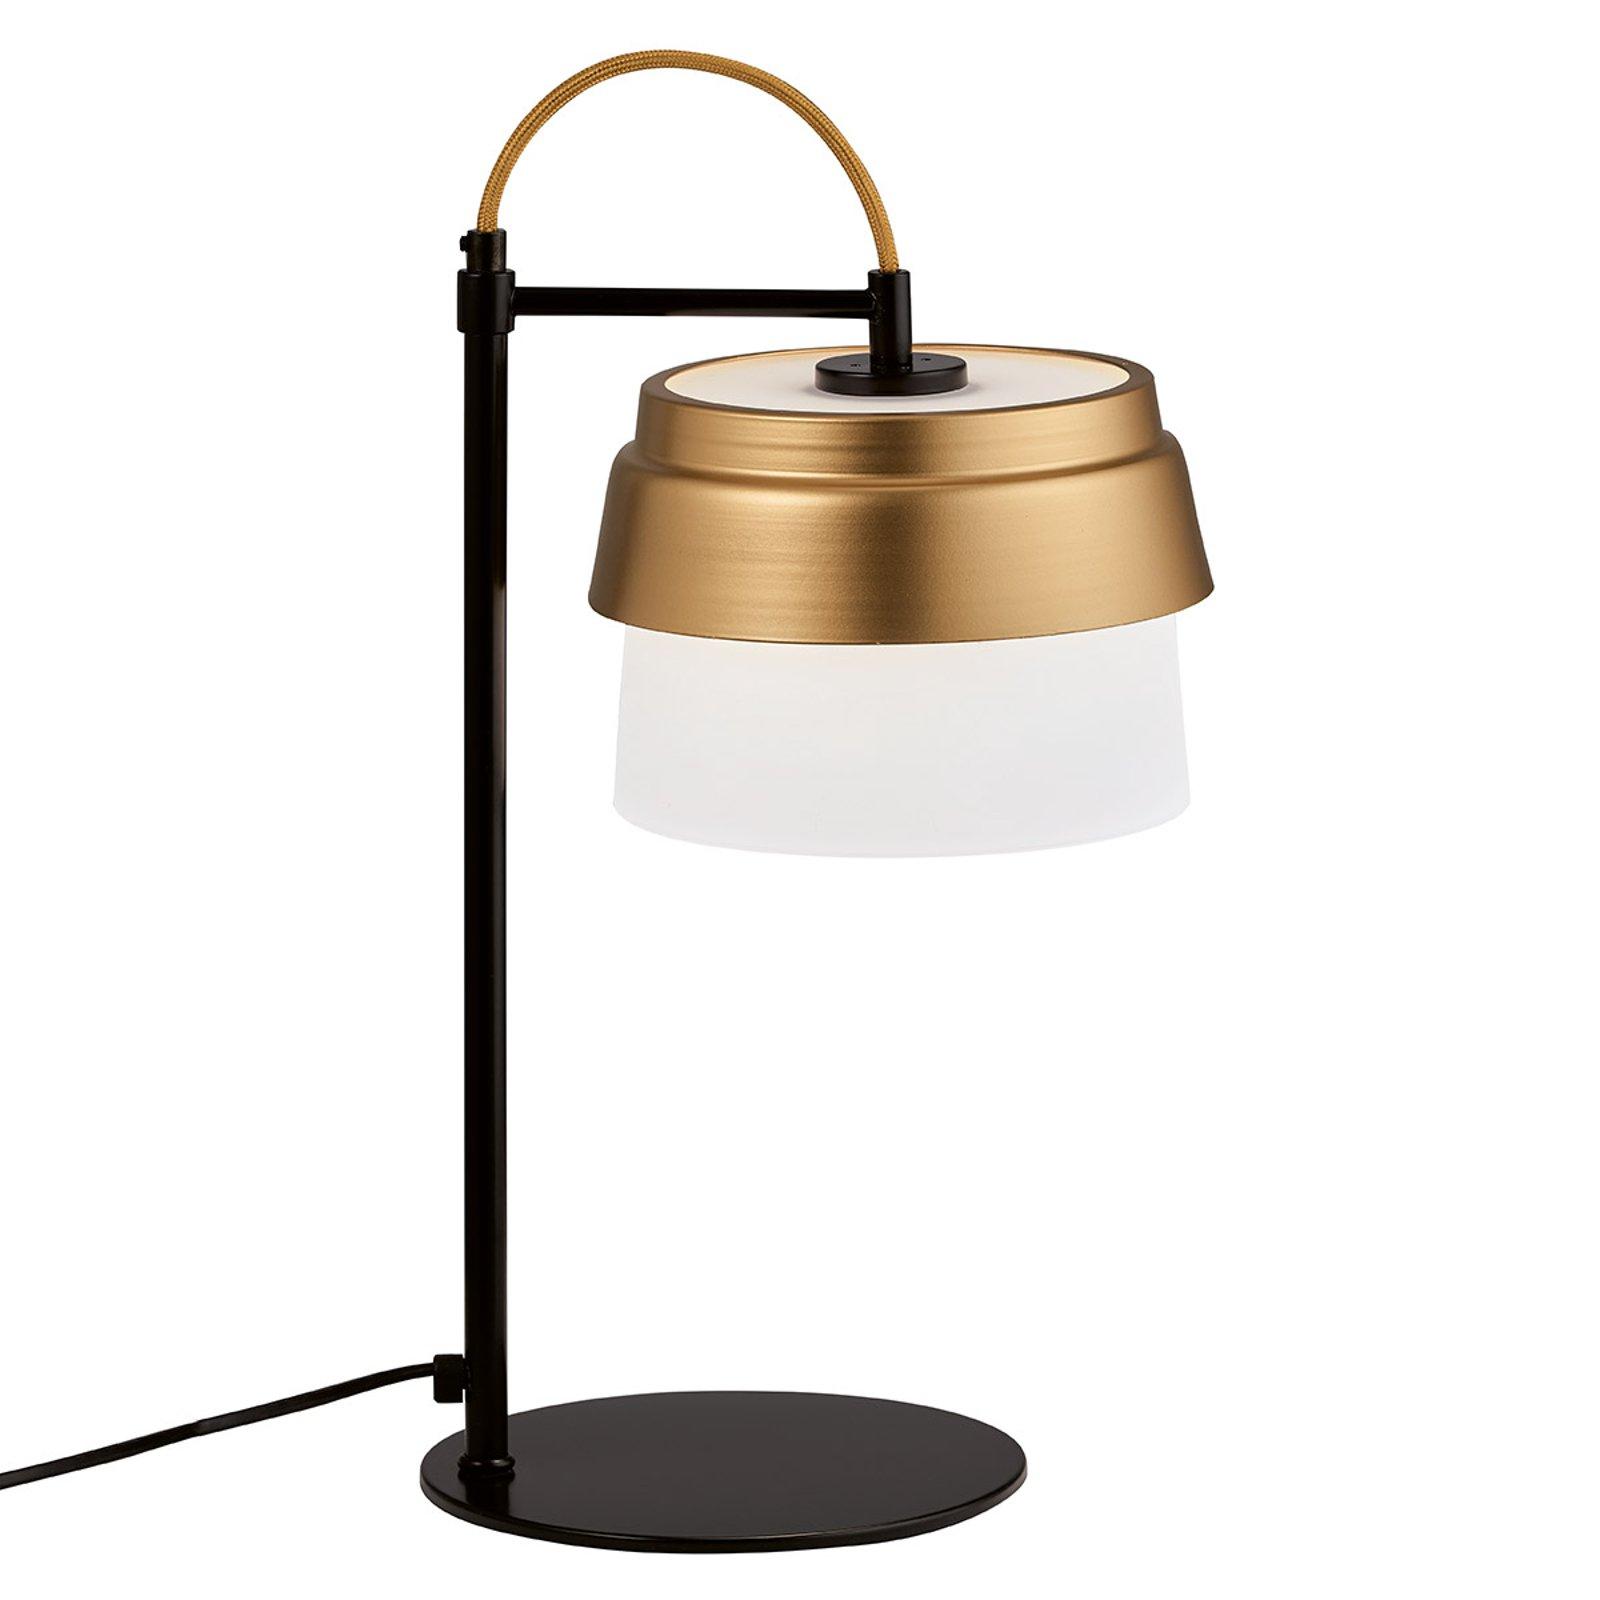 Bordlampe Morgan med glass skjerm hvit-gull